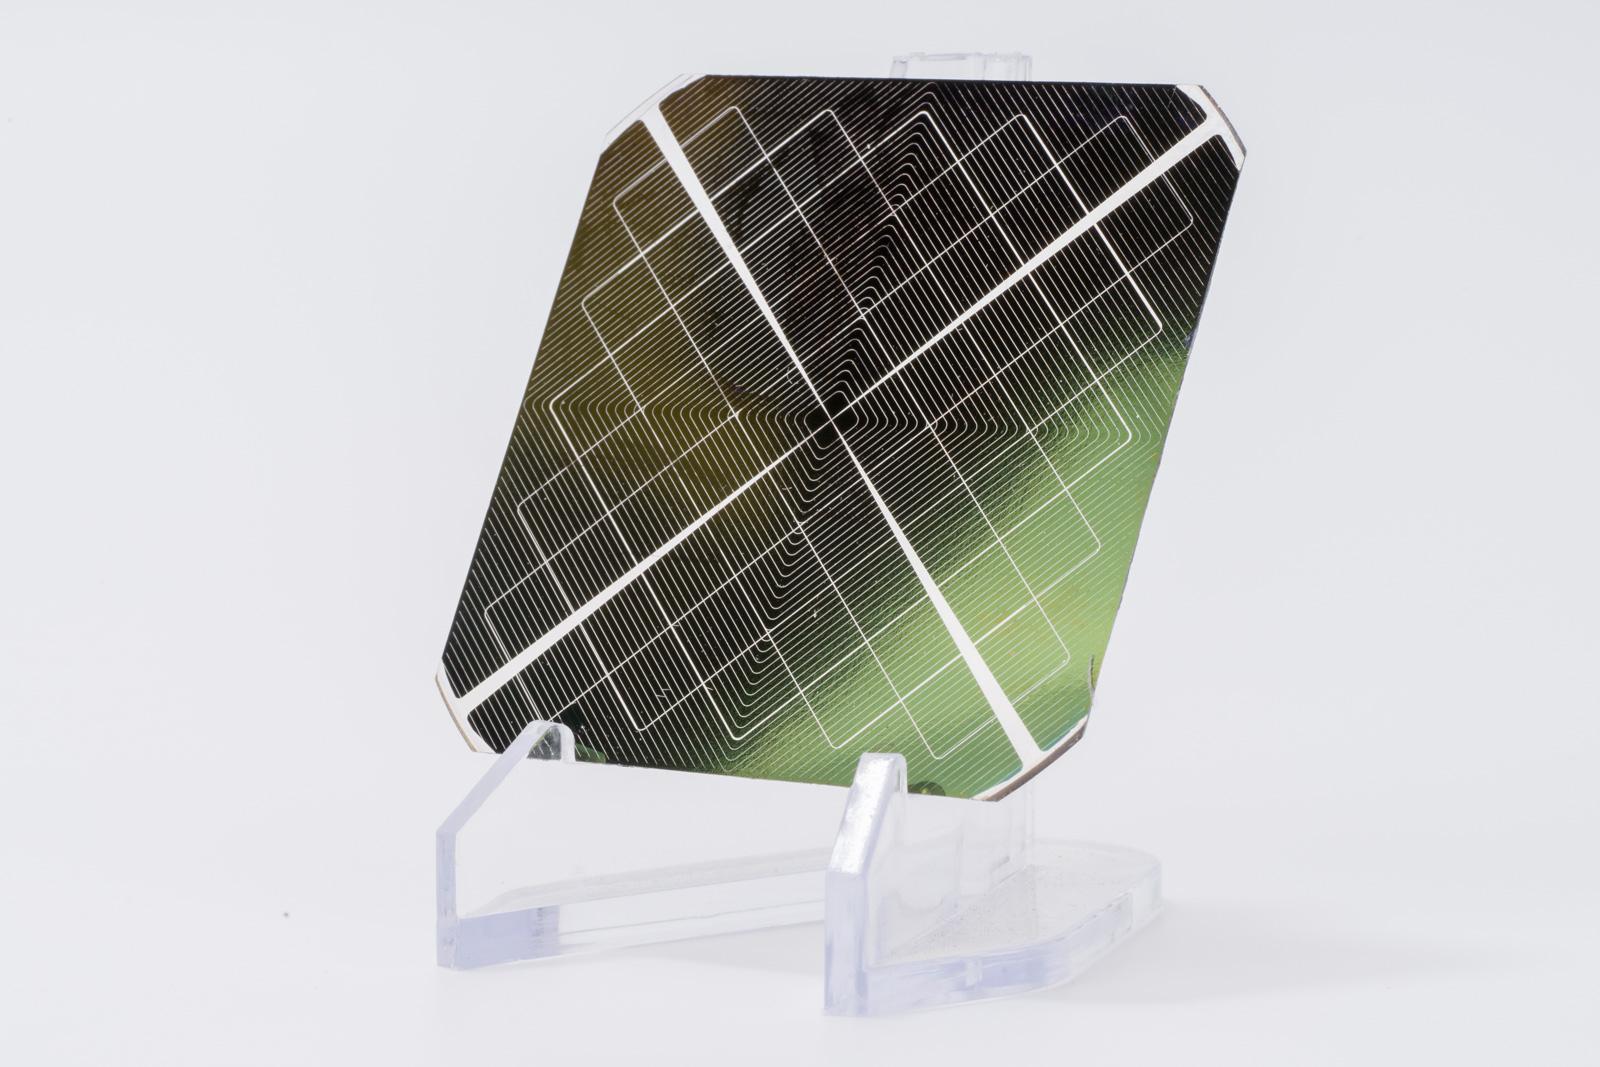 BF-2 solar cell